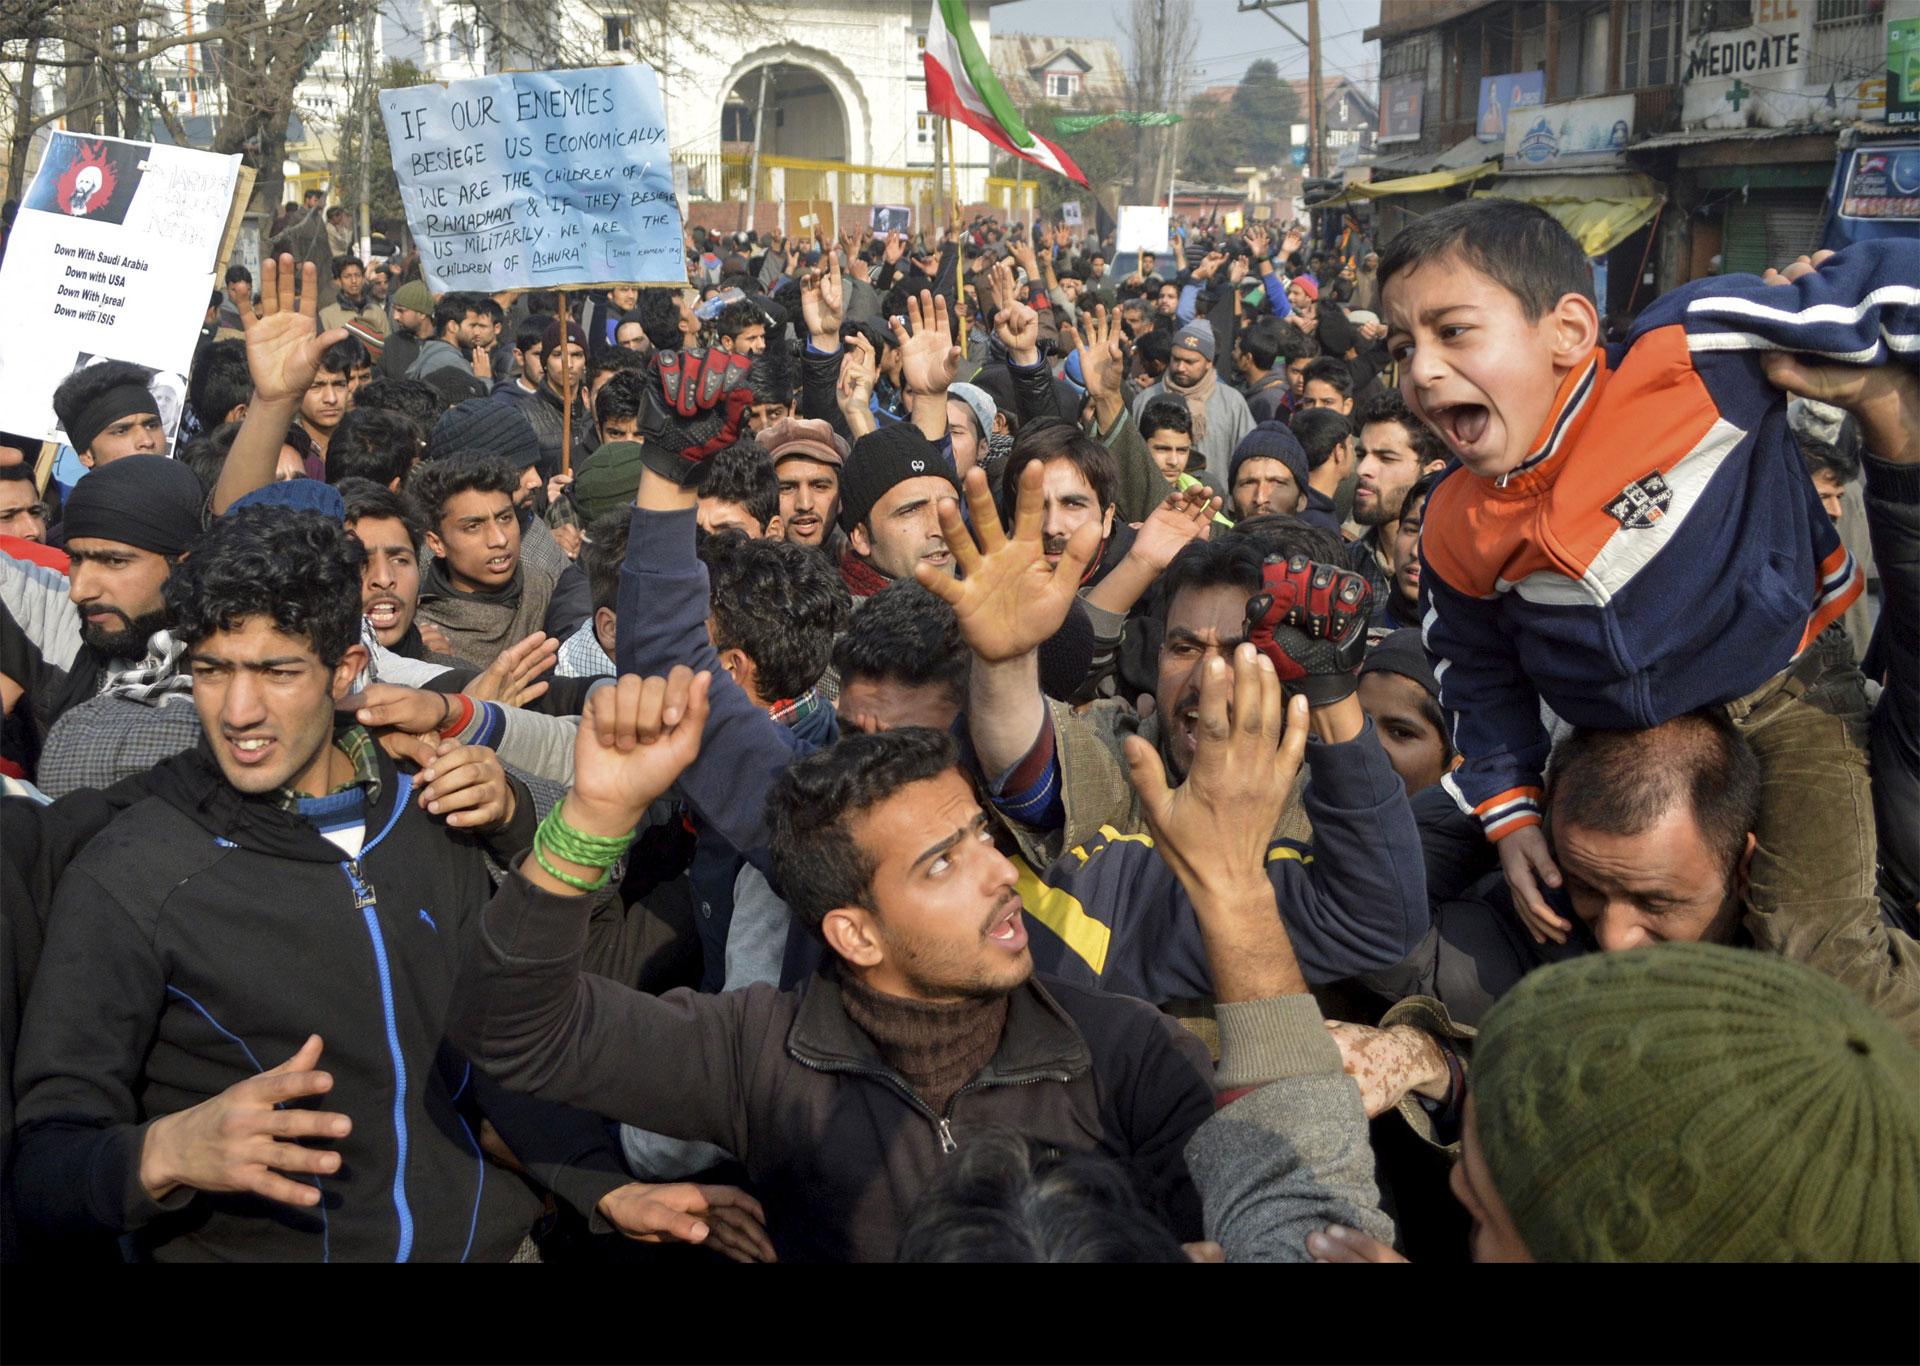 Protestas, en algunos casos violentas, se han suscitado en varias partes del mundo luego de la ejecución de Nimr al Nimr